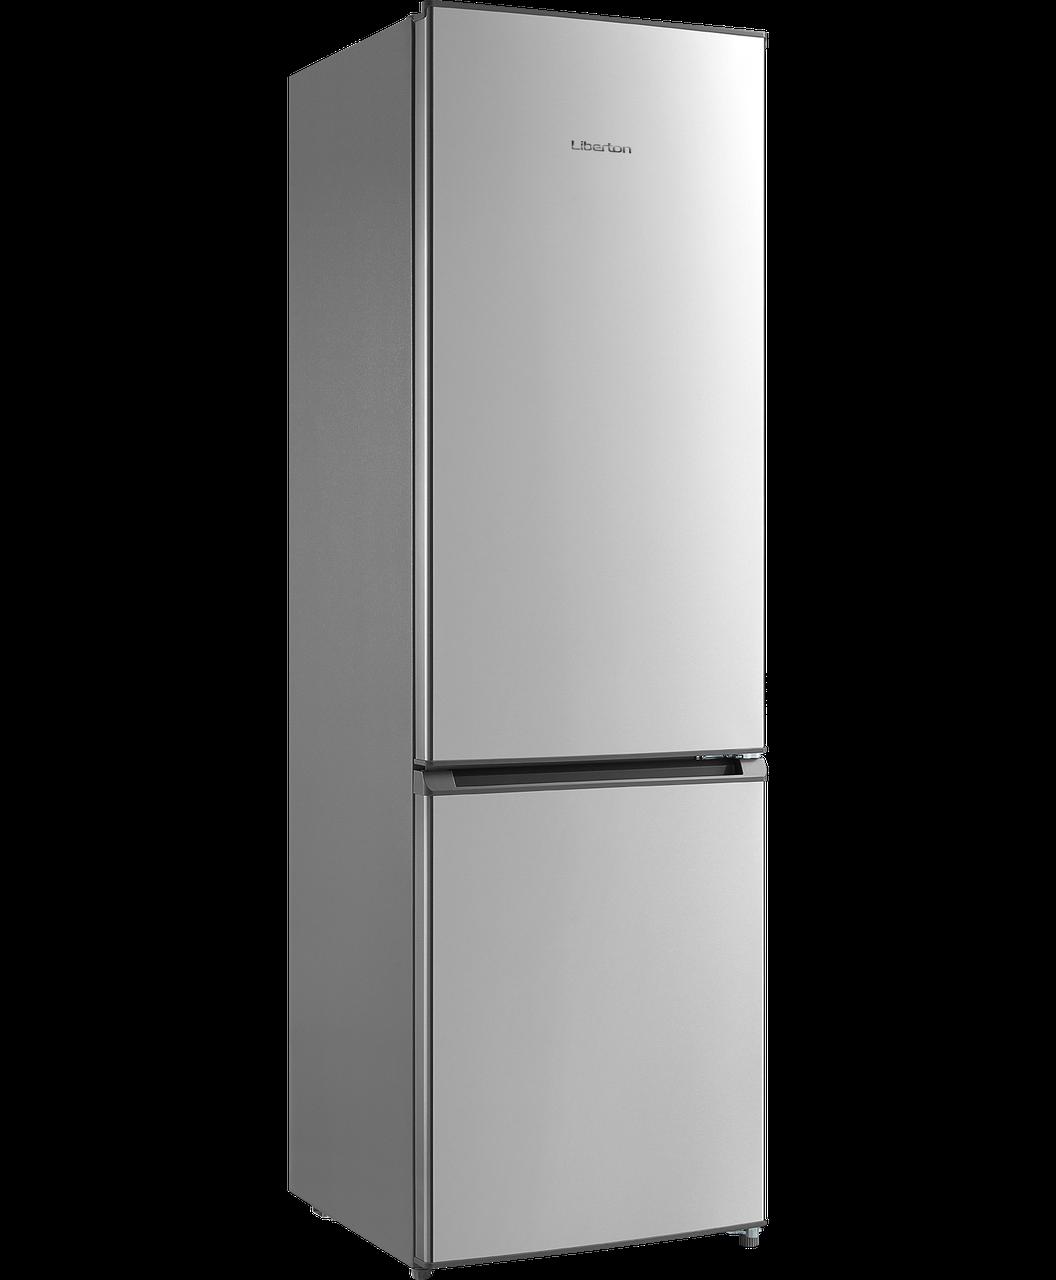 Холодильник Liberton LRD-180-270SMD